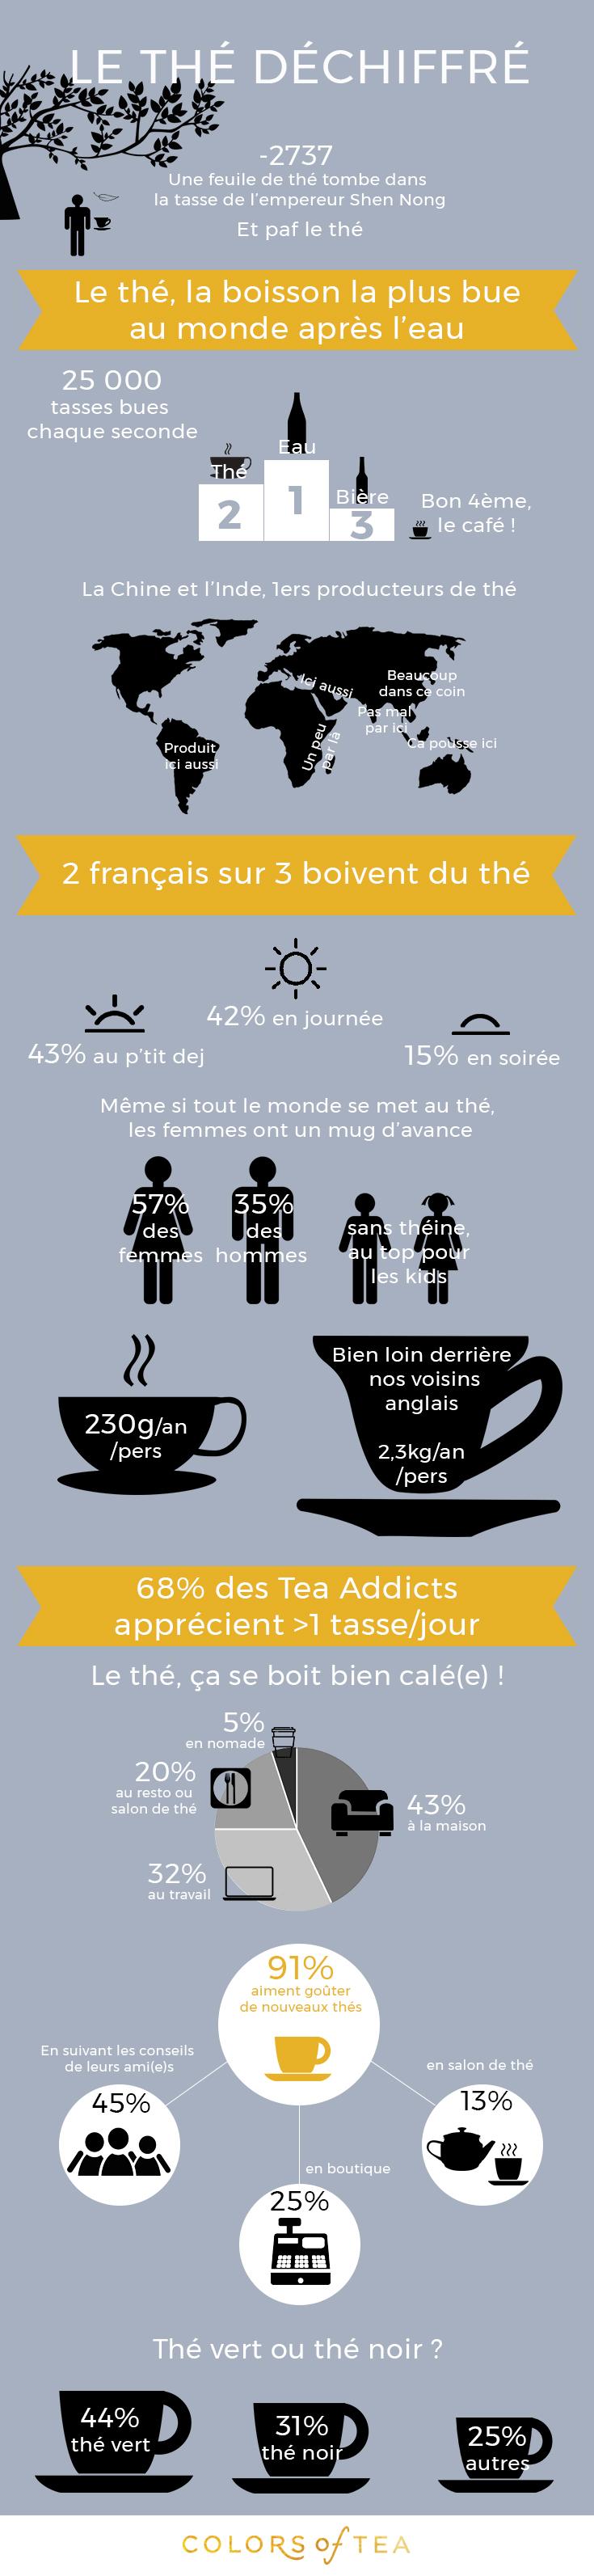 le the dechiffre infographie colors of tea